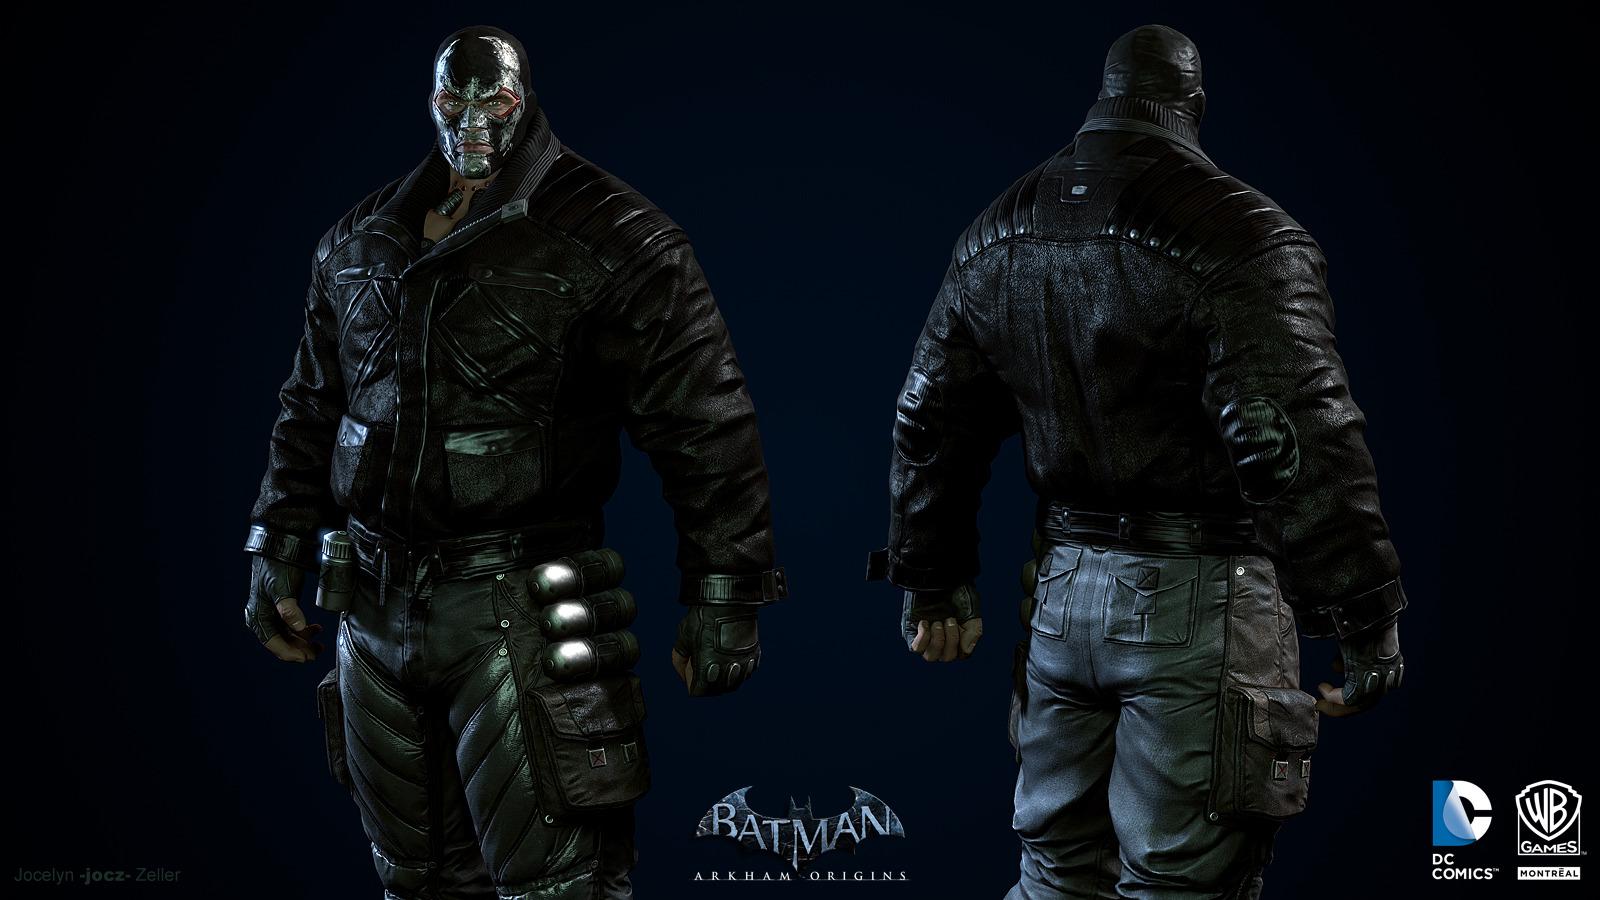 batman arkham origins wp - photo #21